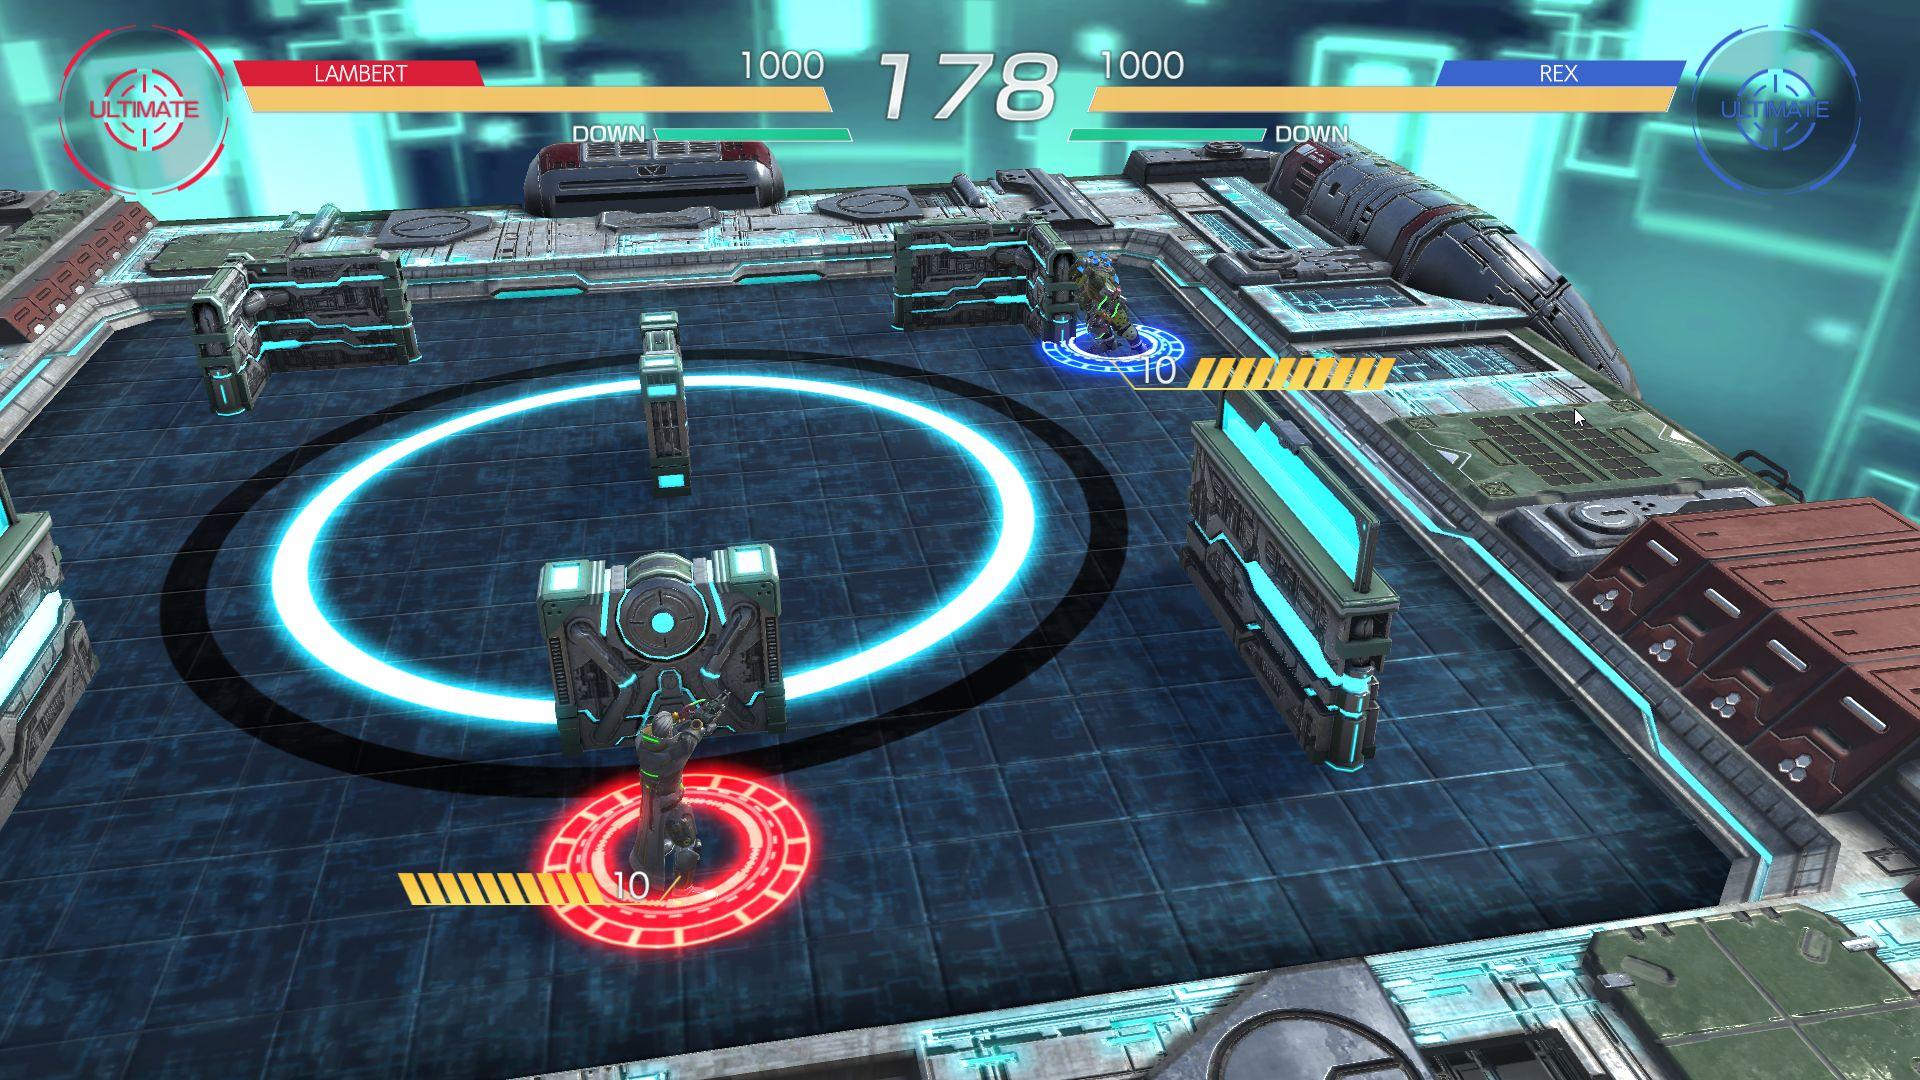 疯狂厮杀 机甲对战游戏《突触驱动》5月28日发售